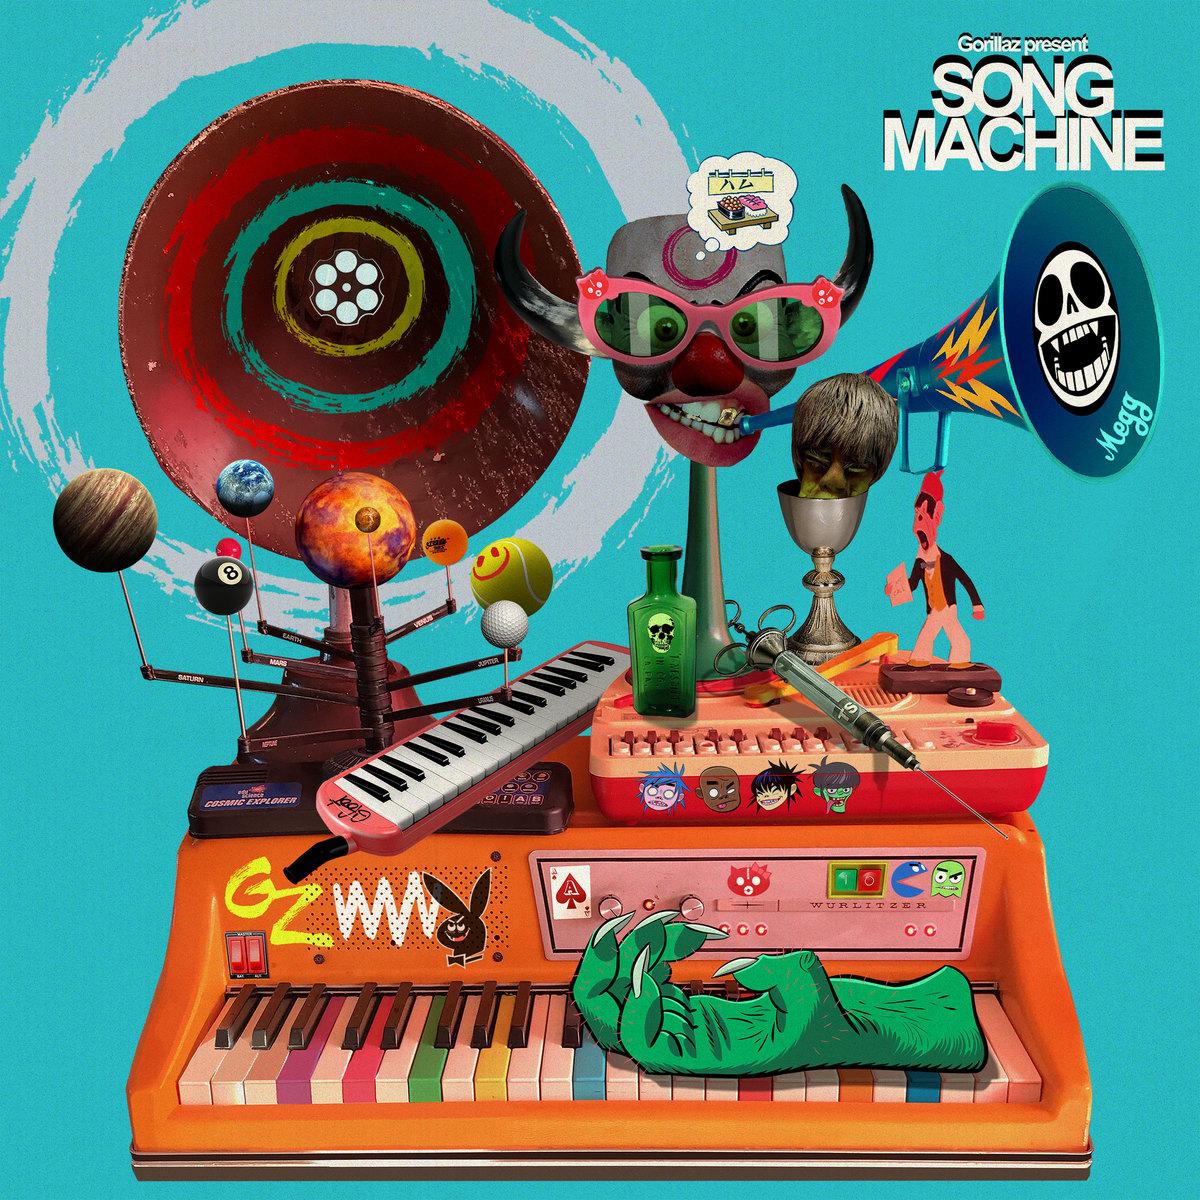 Beck, Elton John y más aparecerán en el disco 'Song Machine' de Gorillaz